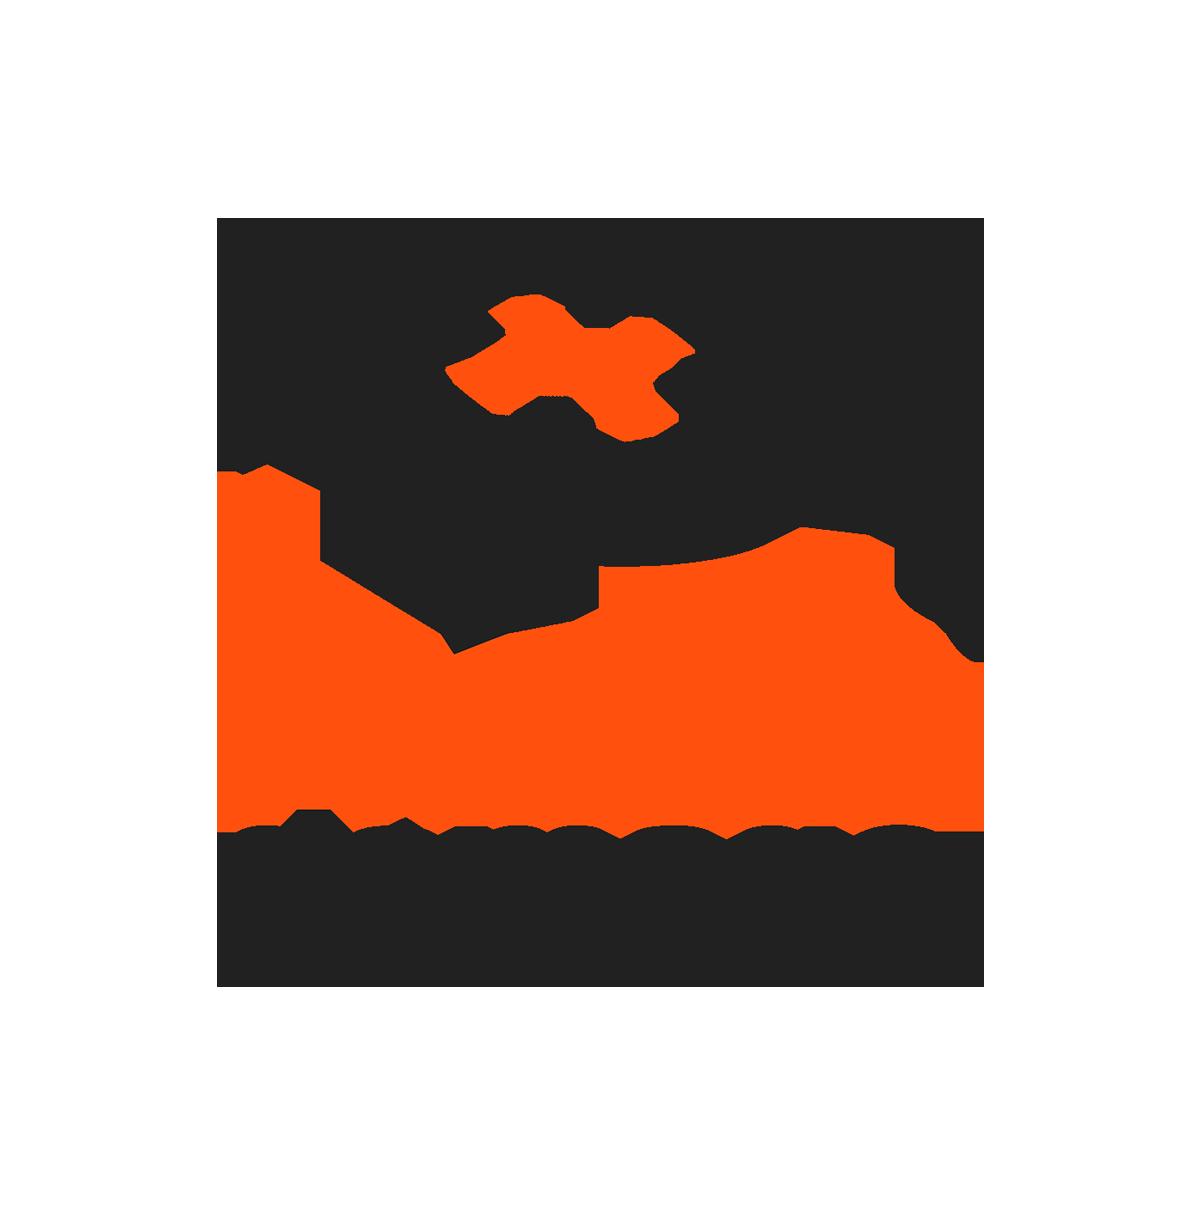 Splash Damage-logo-black-orange.png